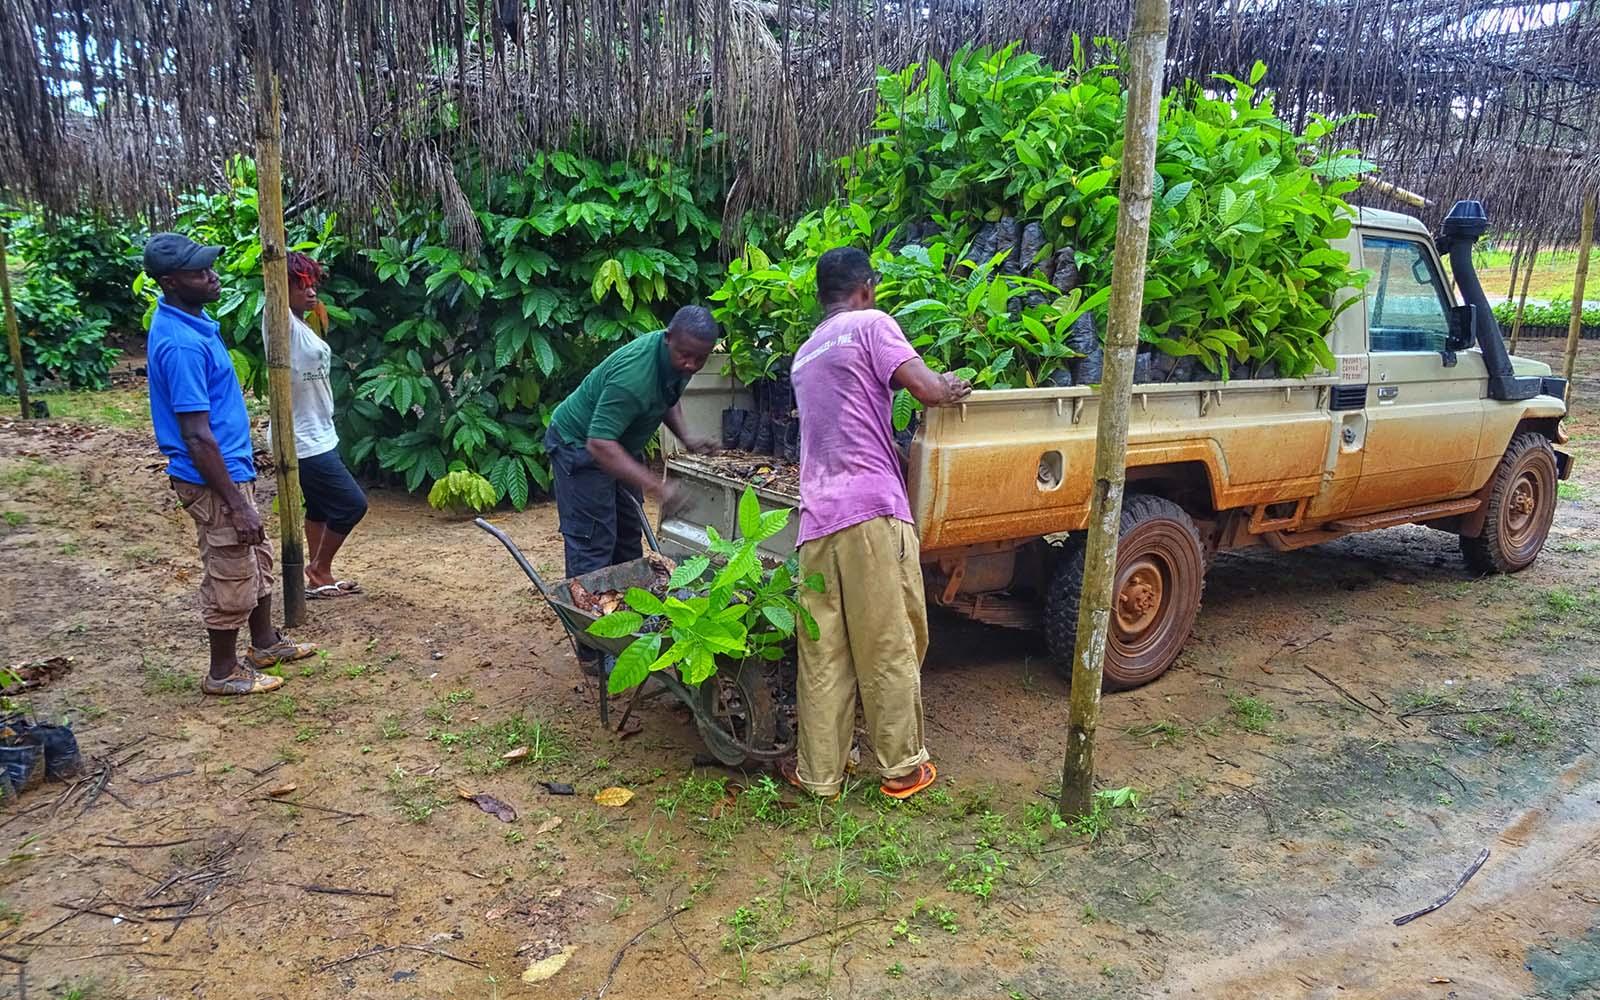 Livraison-des-plants-de-cacao-aux-populations-autochtones-mod